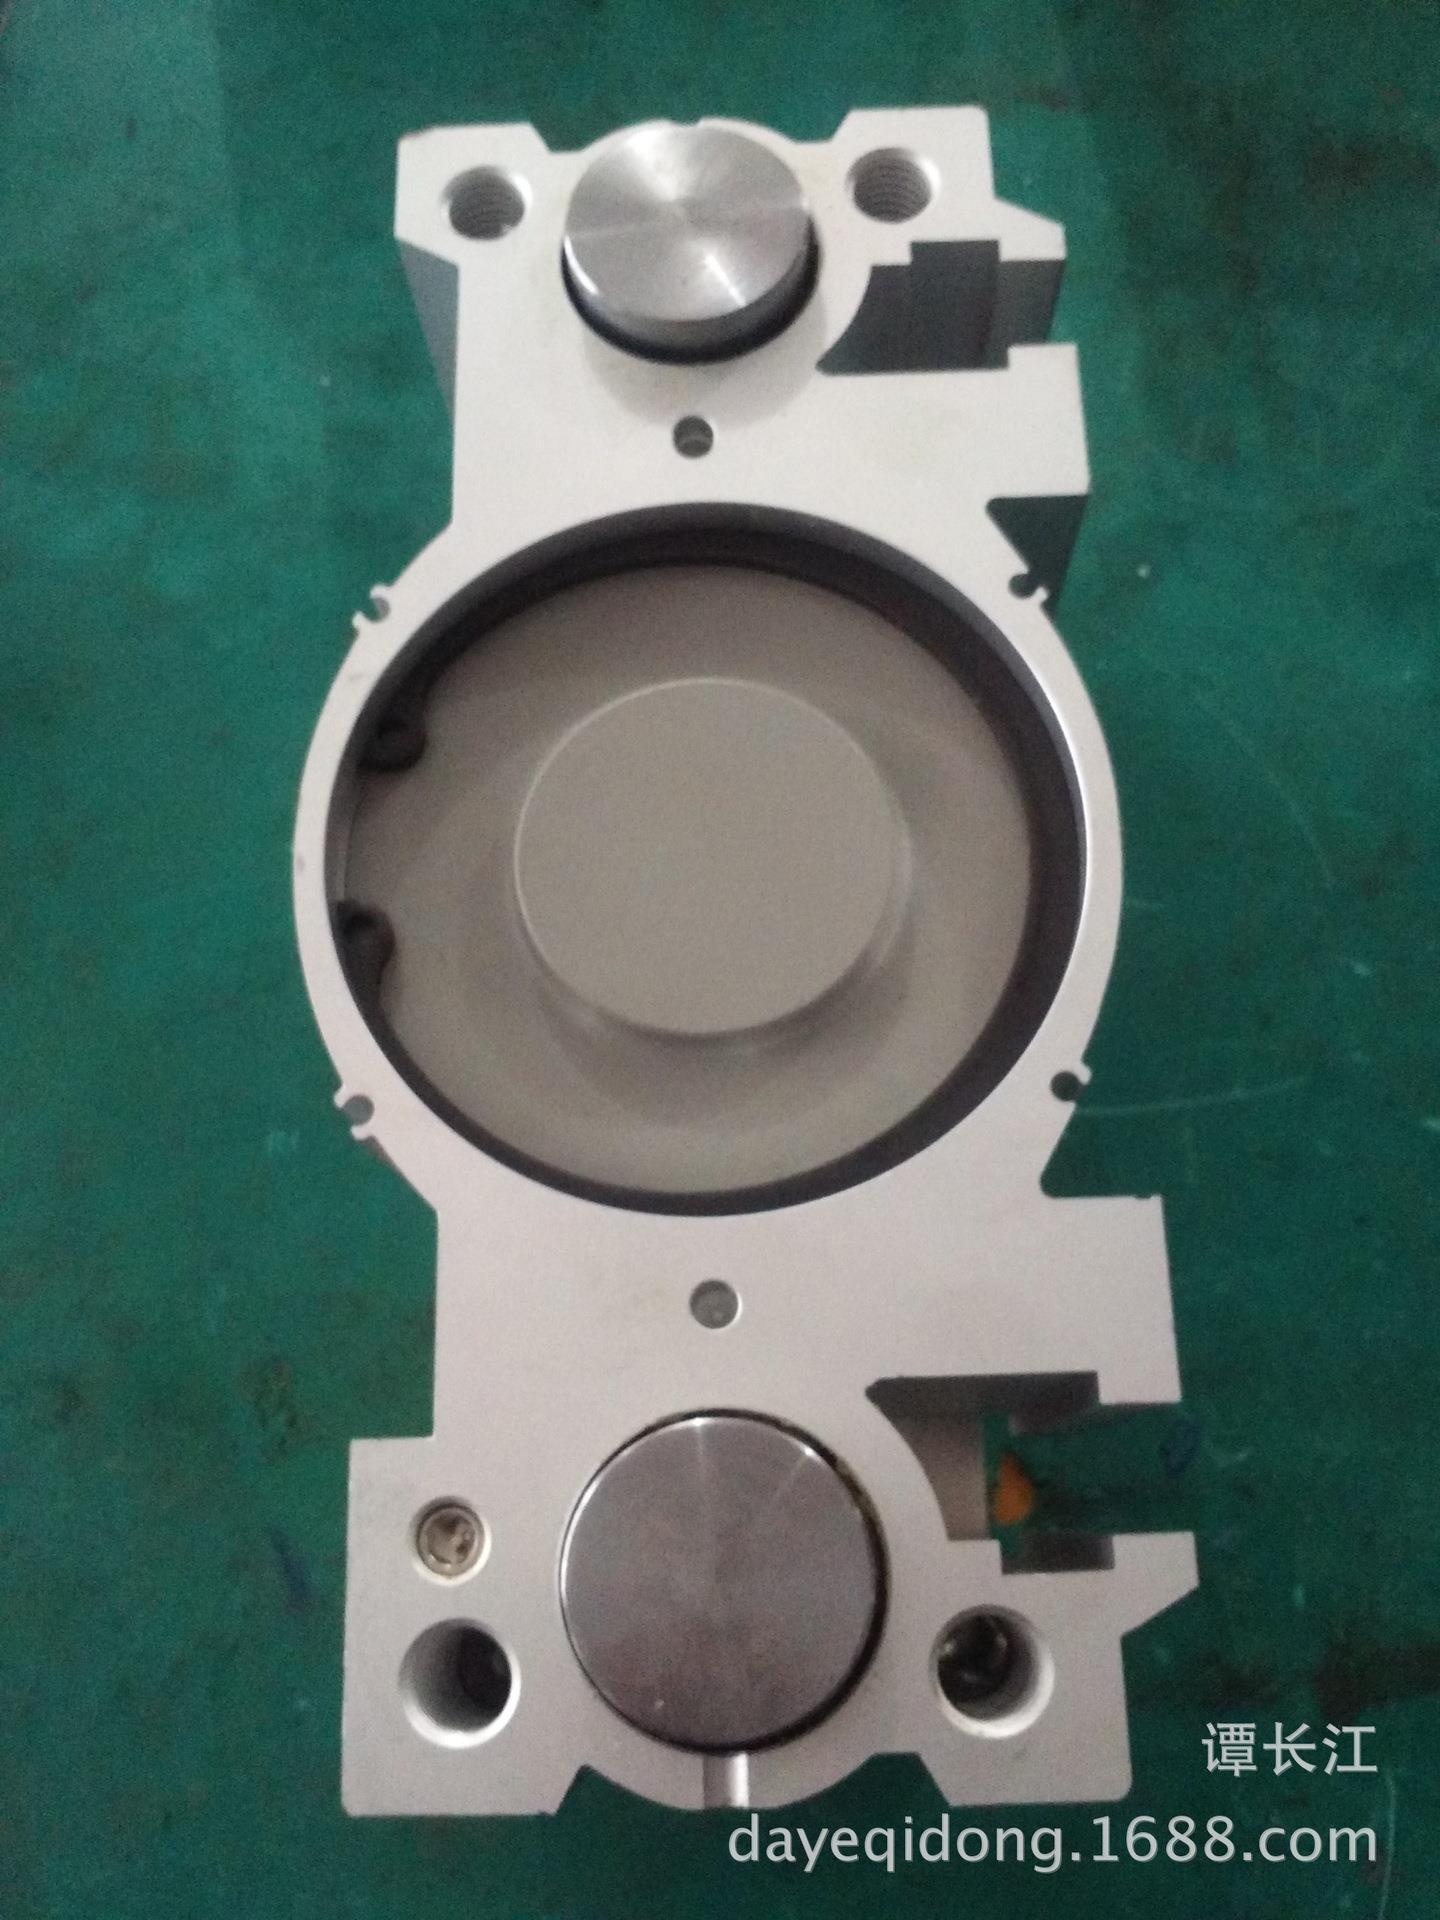 Die hersteller Hohe nachahmung al - passagiere MGPM (l) - zylinder durch die zylinder MIT. Drei zylinder